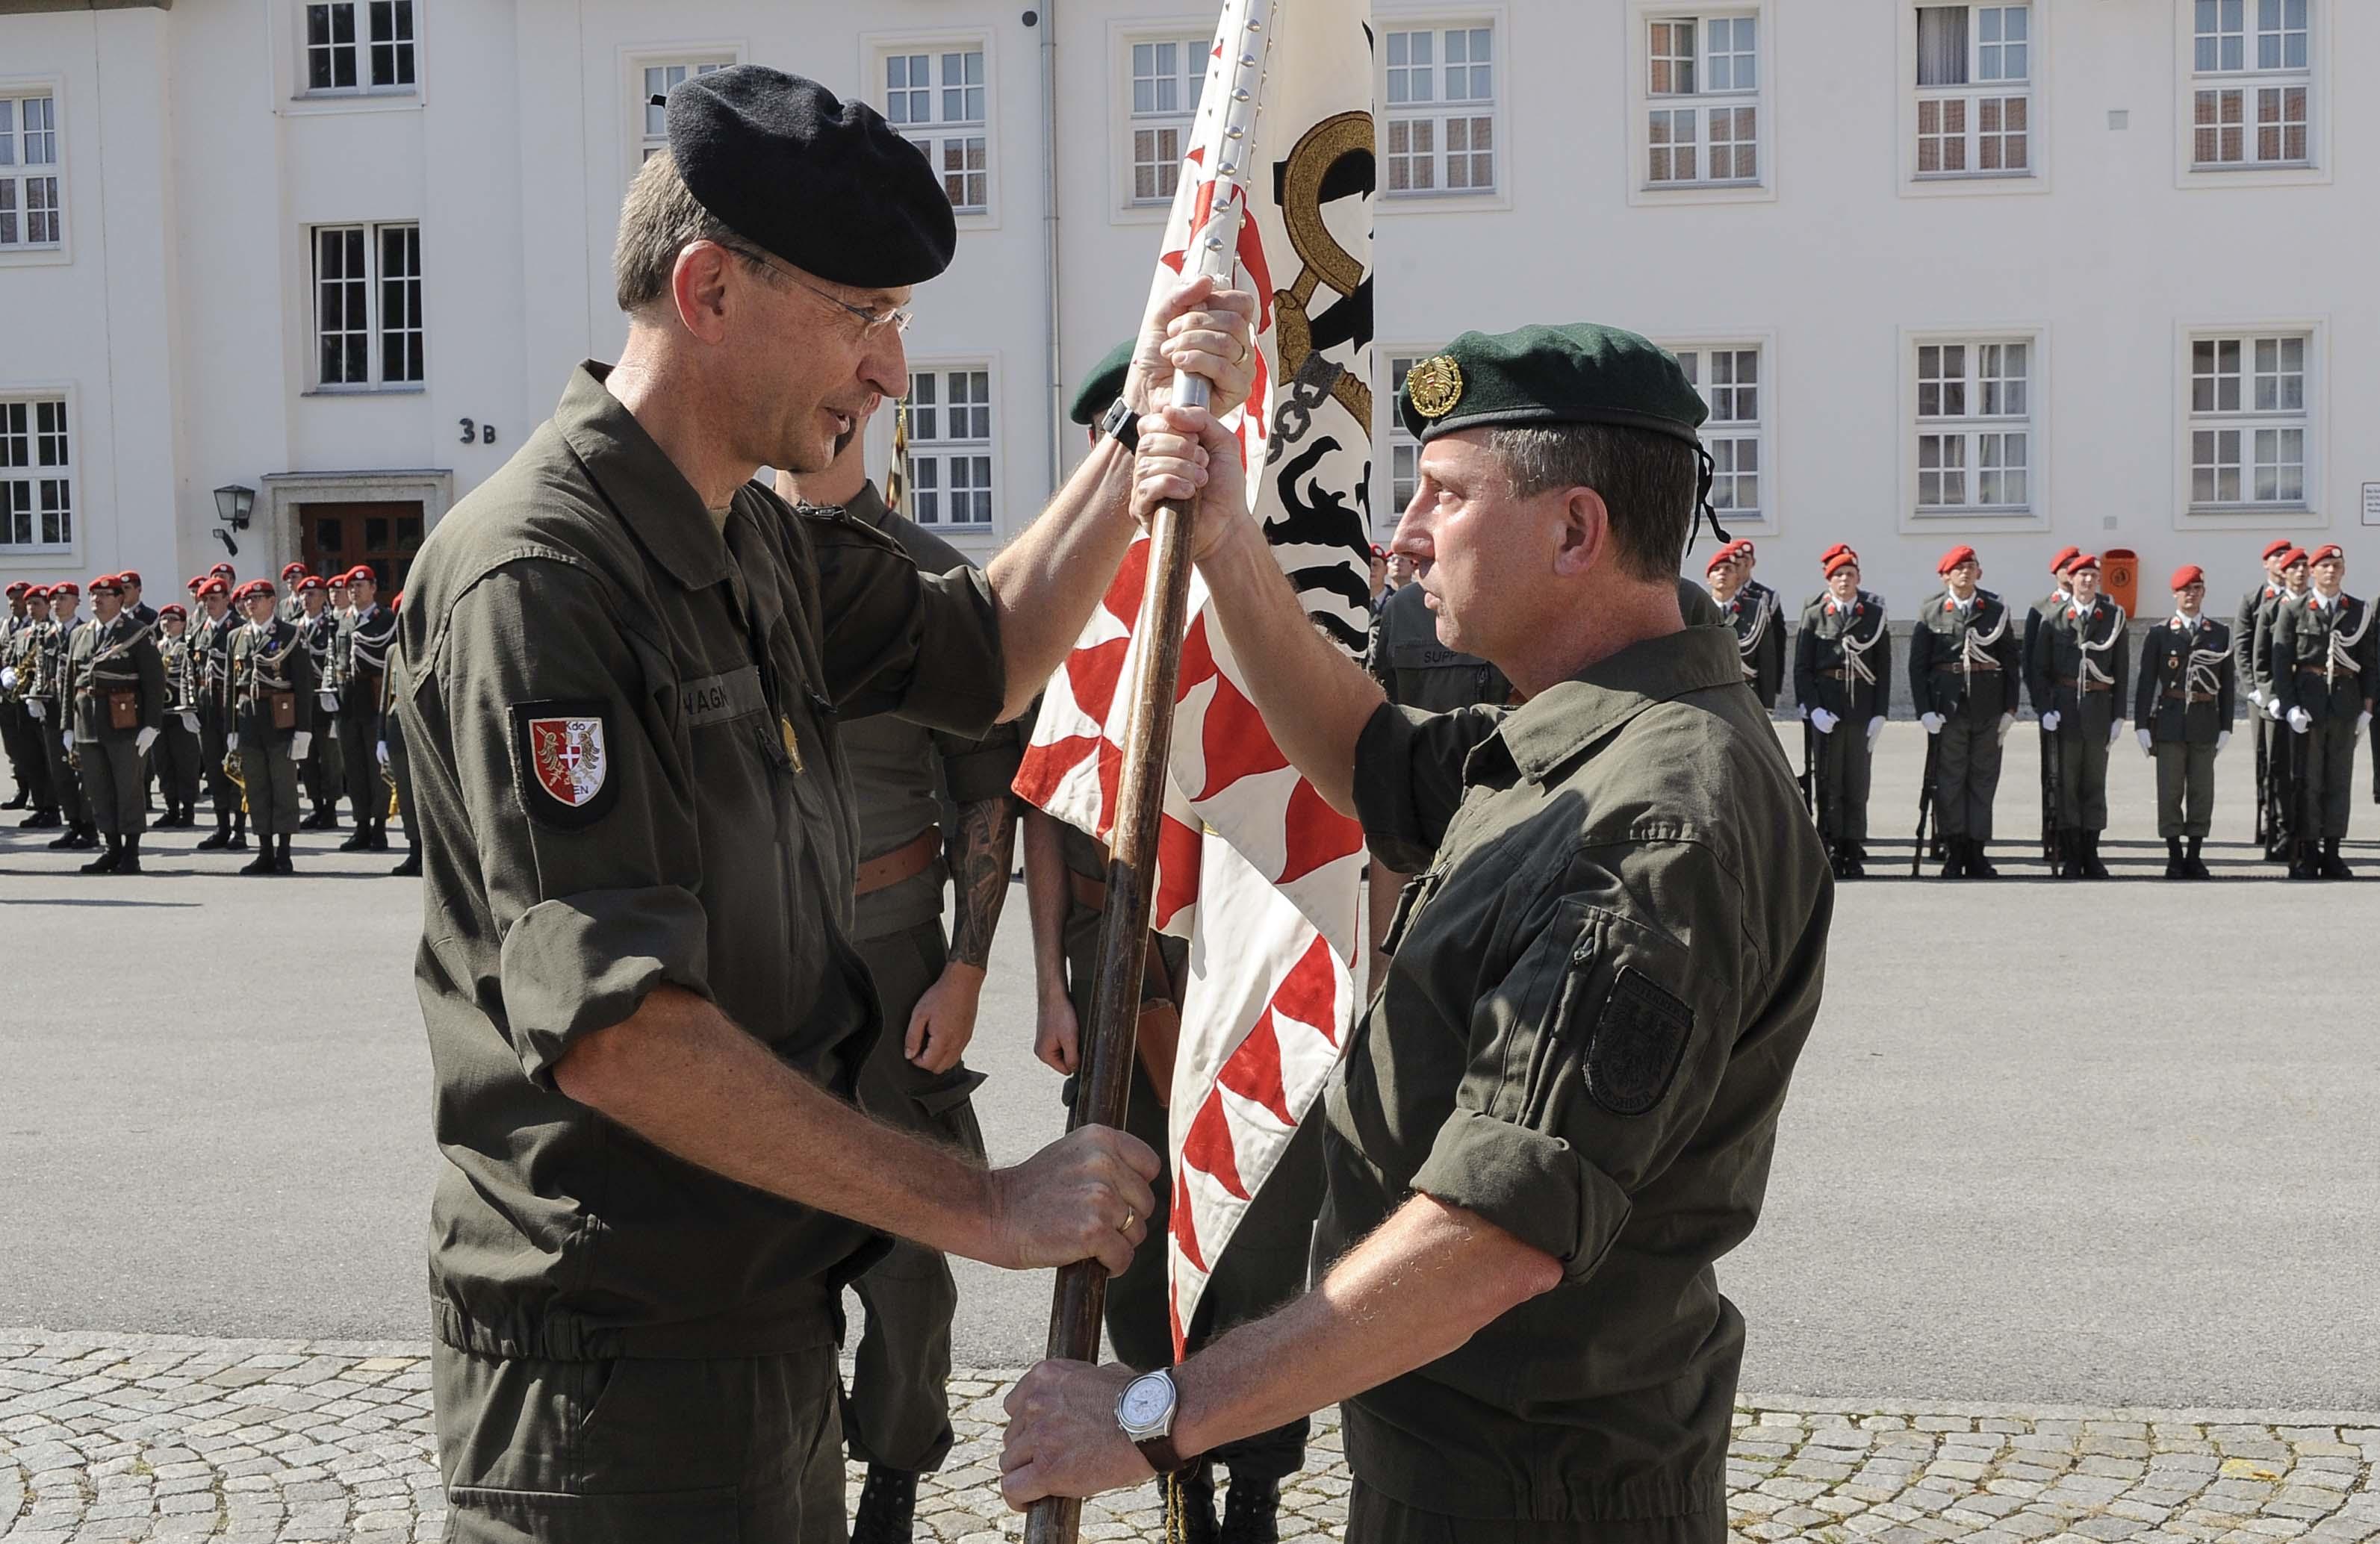 Foto: Bundesheer/Harald G.M. Minich